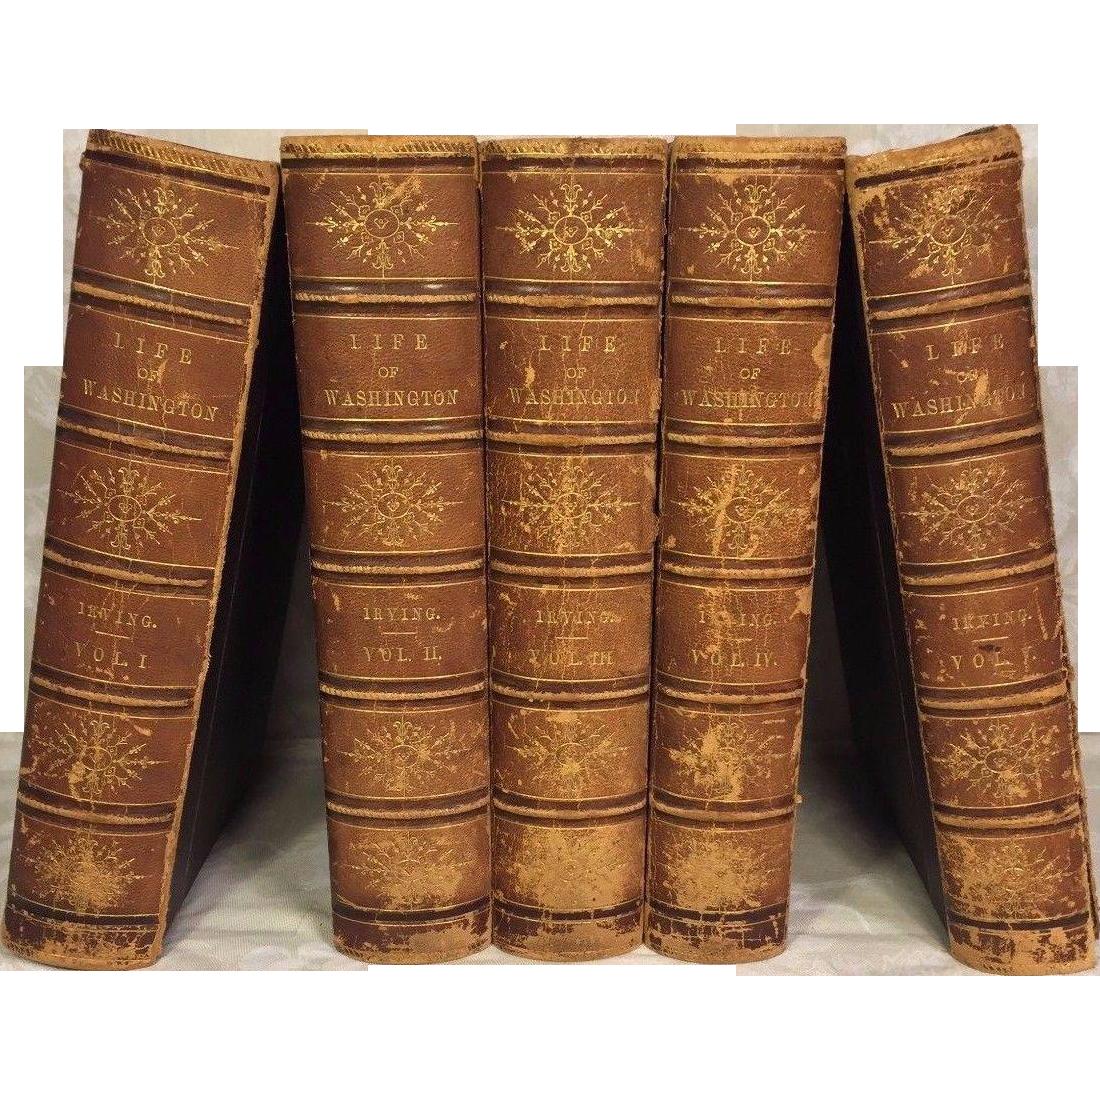 Life of George Washington by Washington Irving 1857 5 Volumes Publ G P Putnam NY 1st Edition